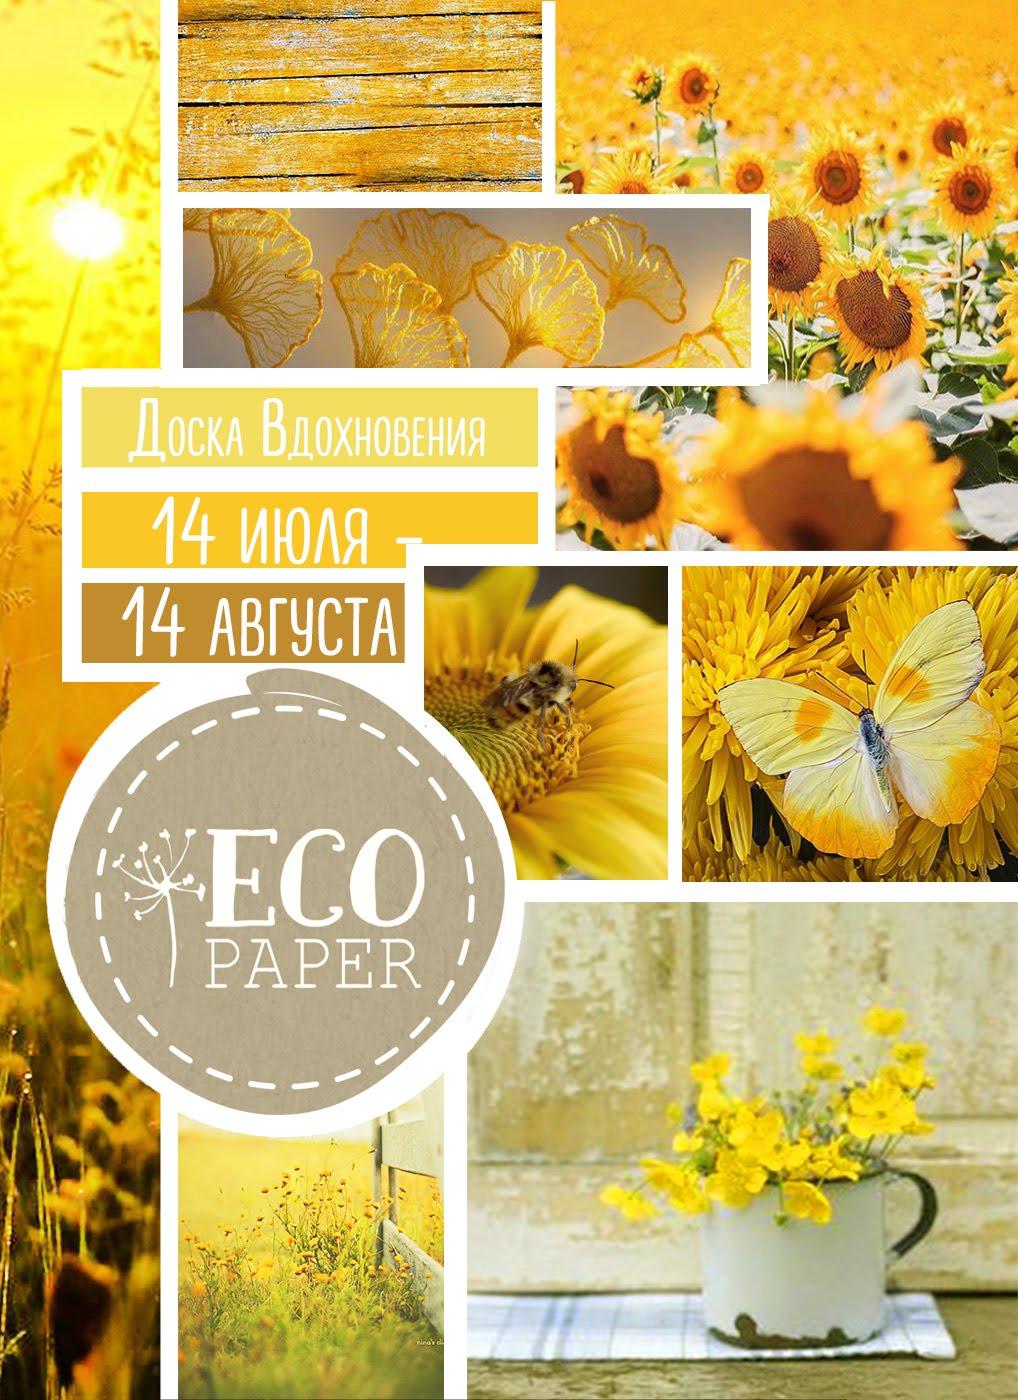 ДОСКА ВДОХНОВЕНИЯ от EcoPaper ДО 14 АВГУСТА